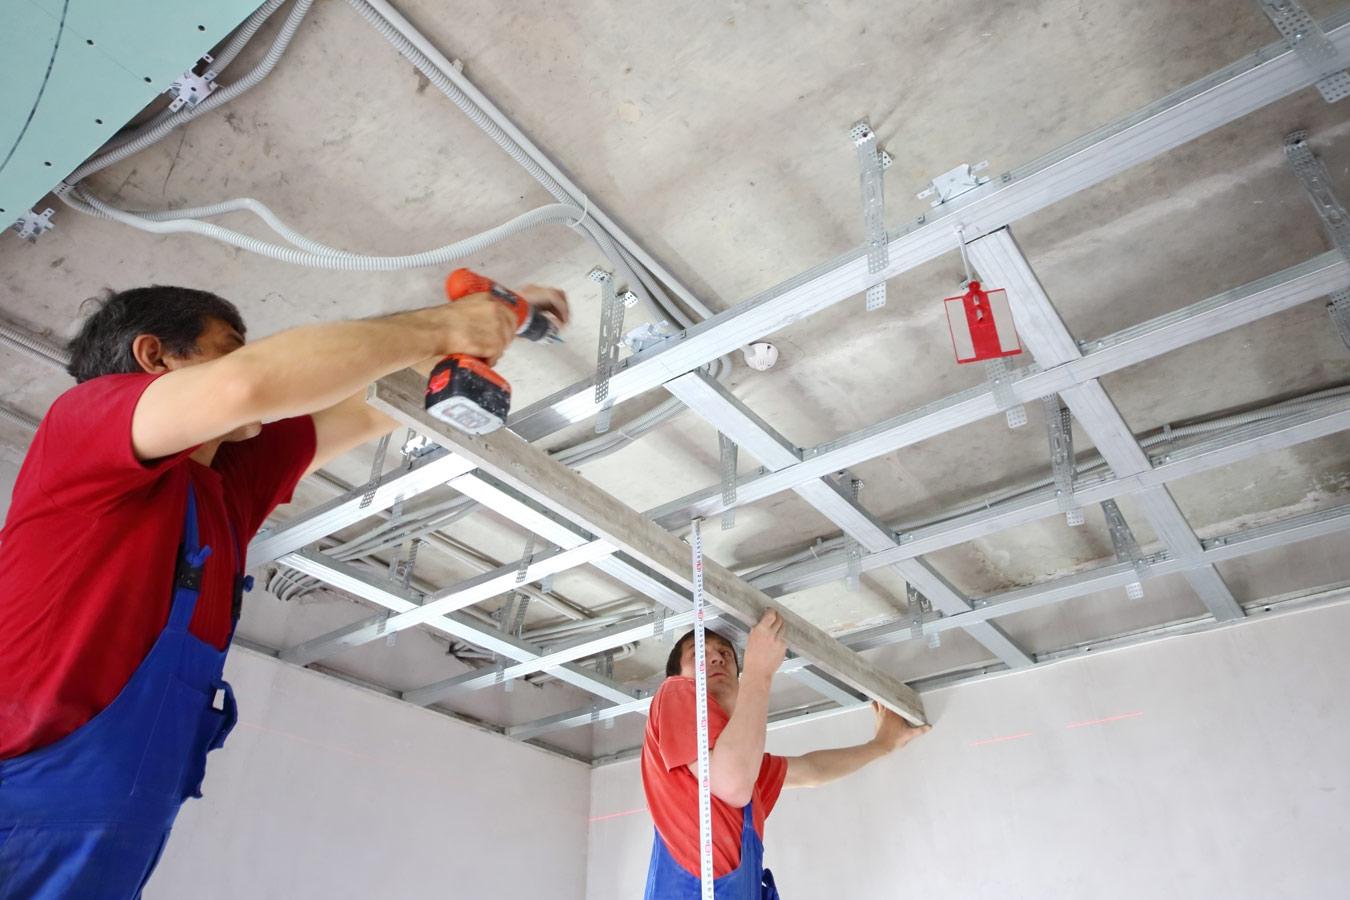 Gyproc plafond voordelen mogelijkheden - Zolder stelt fotos aan ...